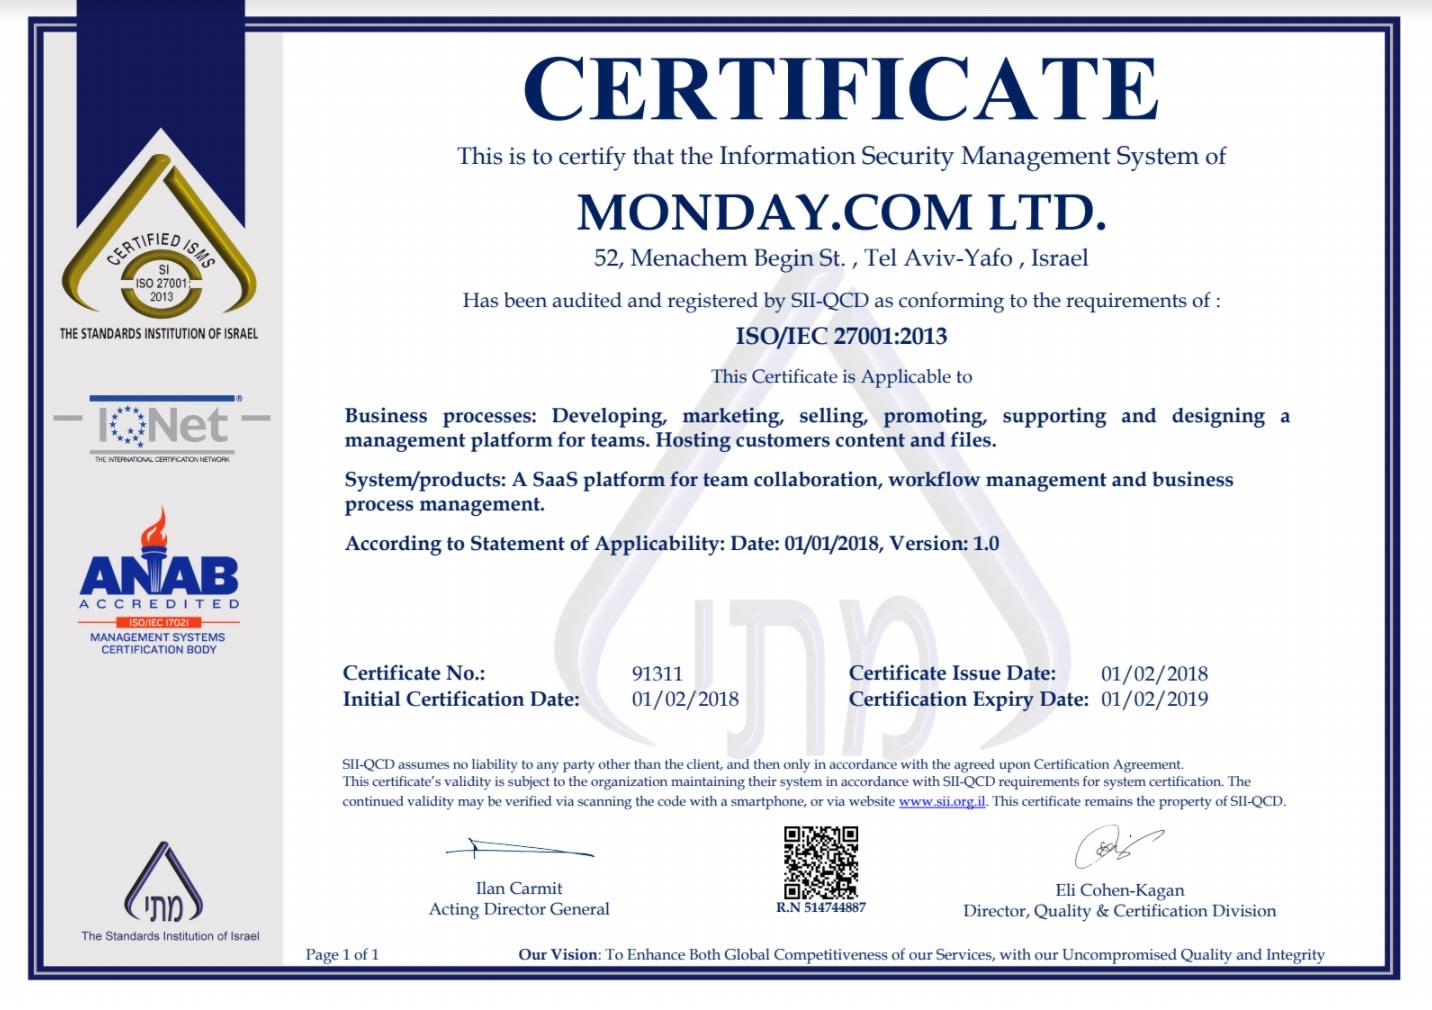 iso-certificate1.jpg